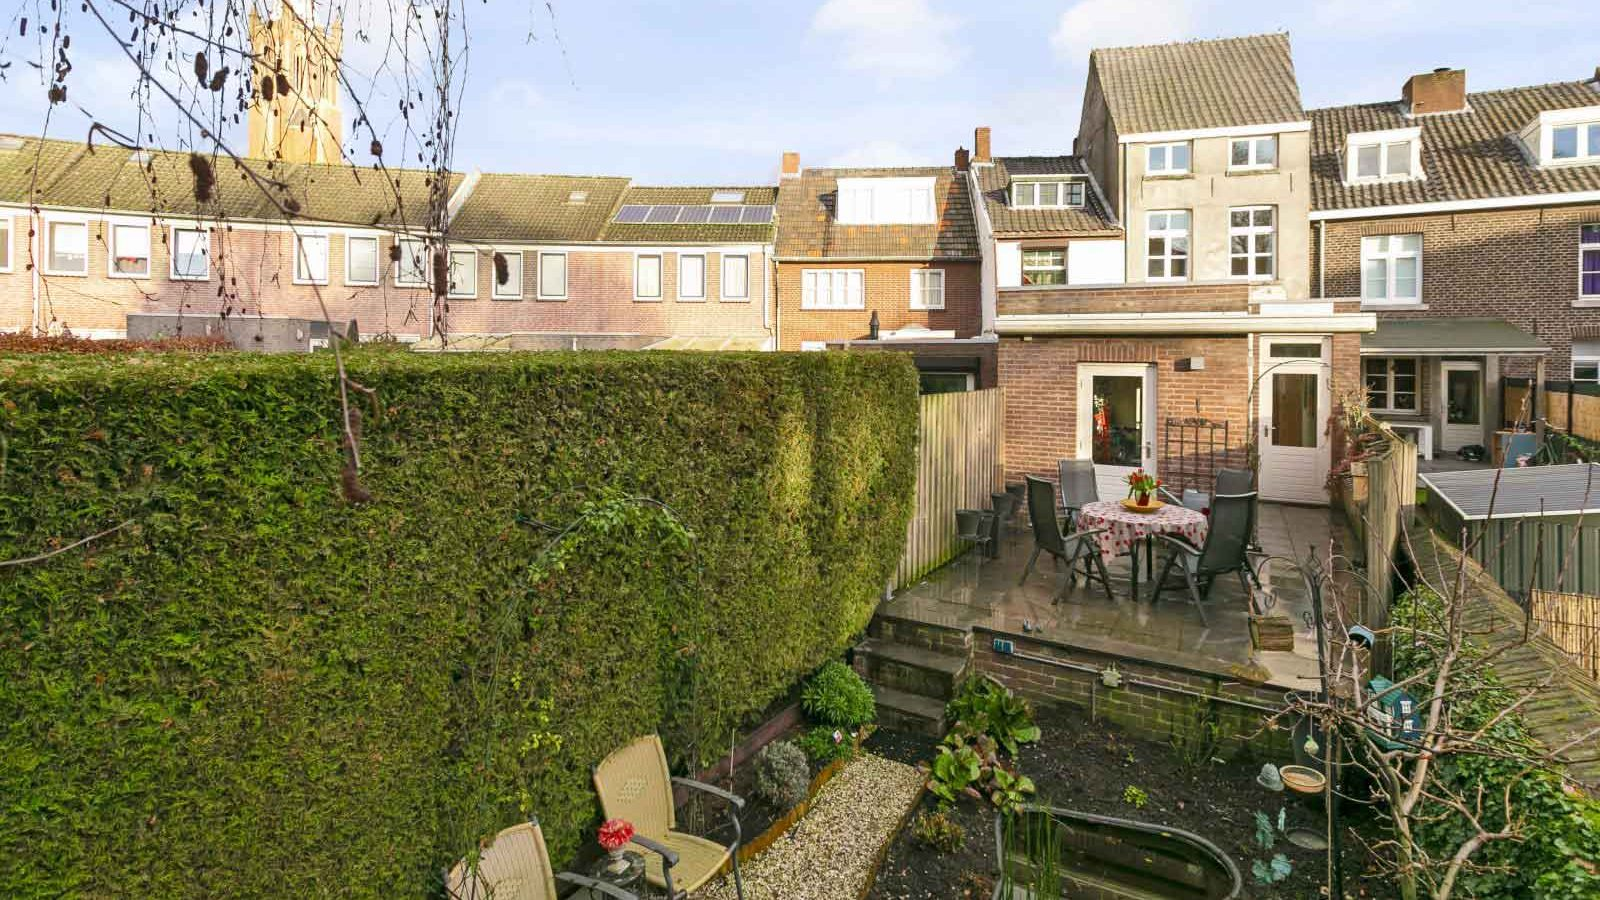 Vismarkt12Roermond-37-1600x1067